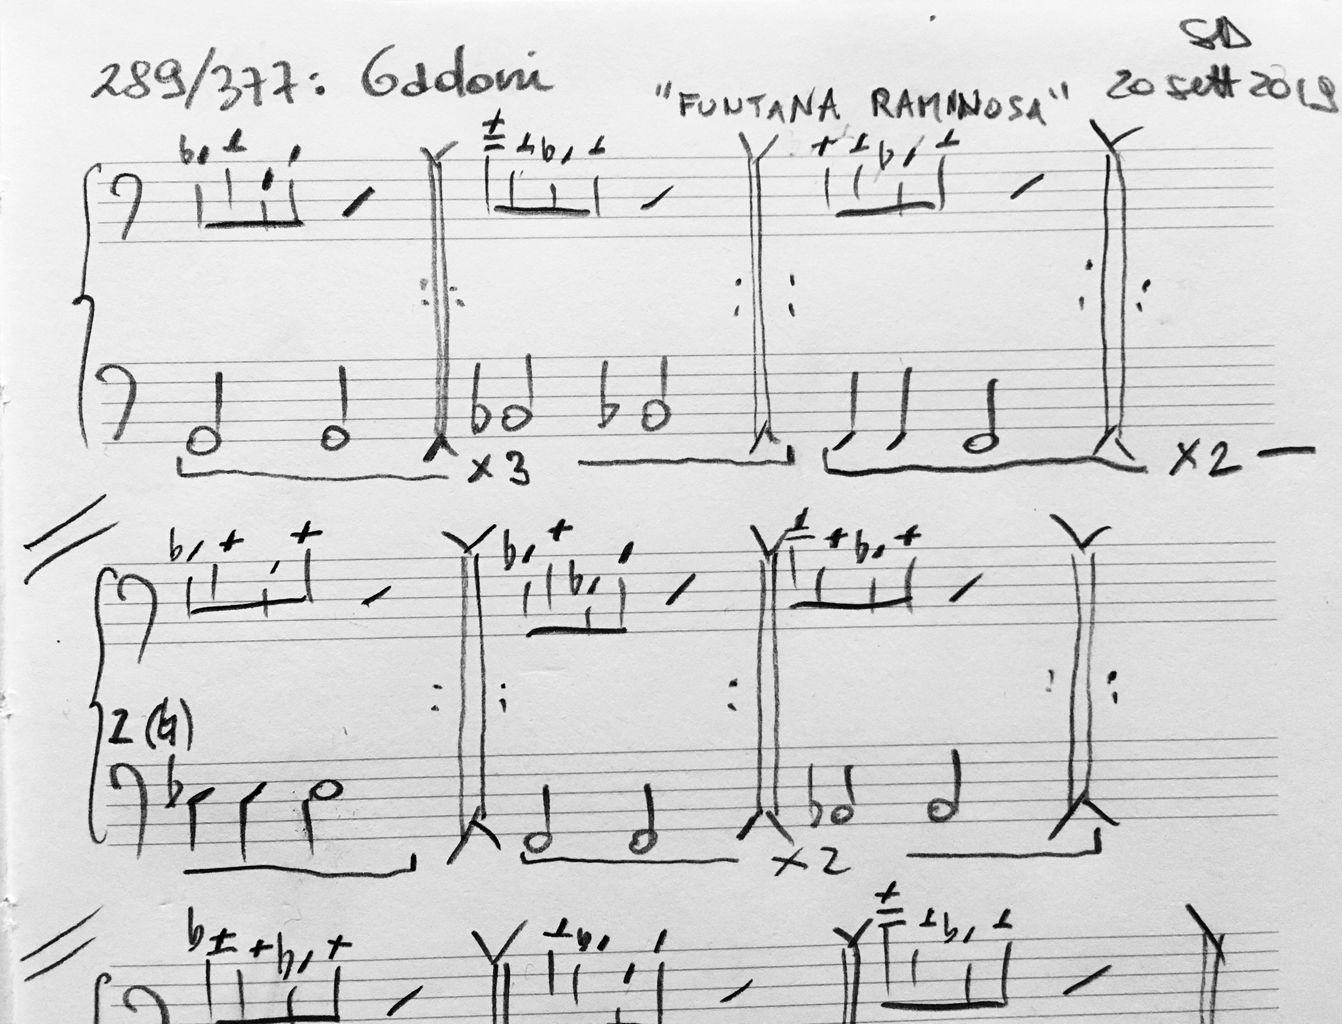 289-Gadoni-score